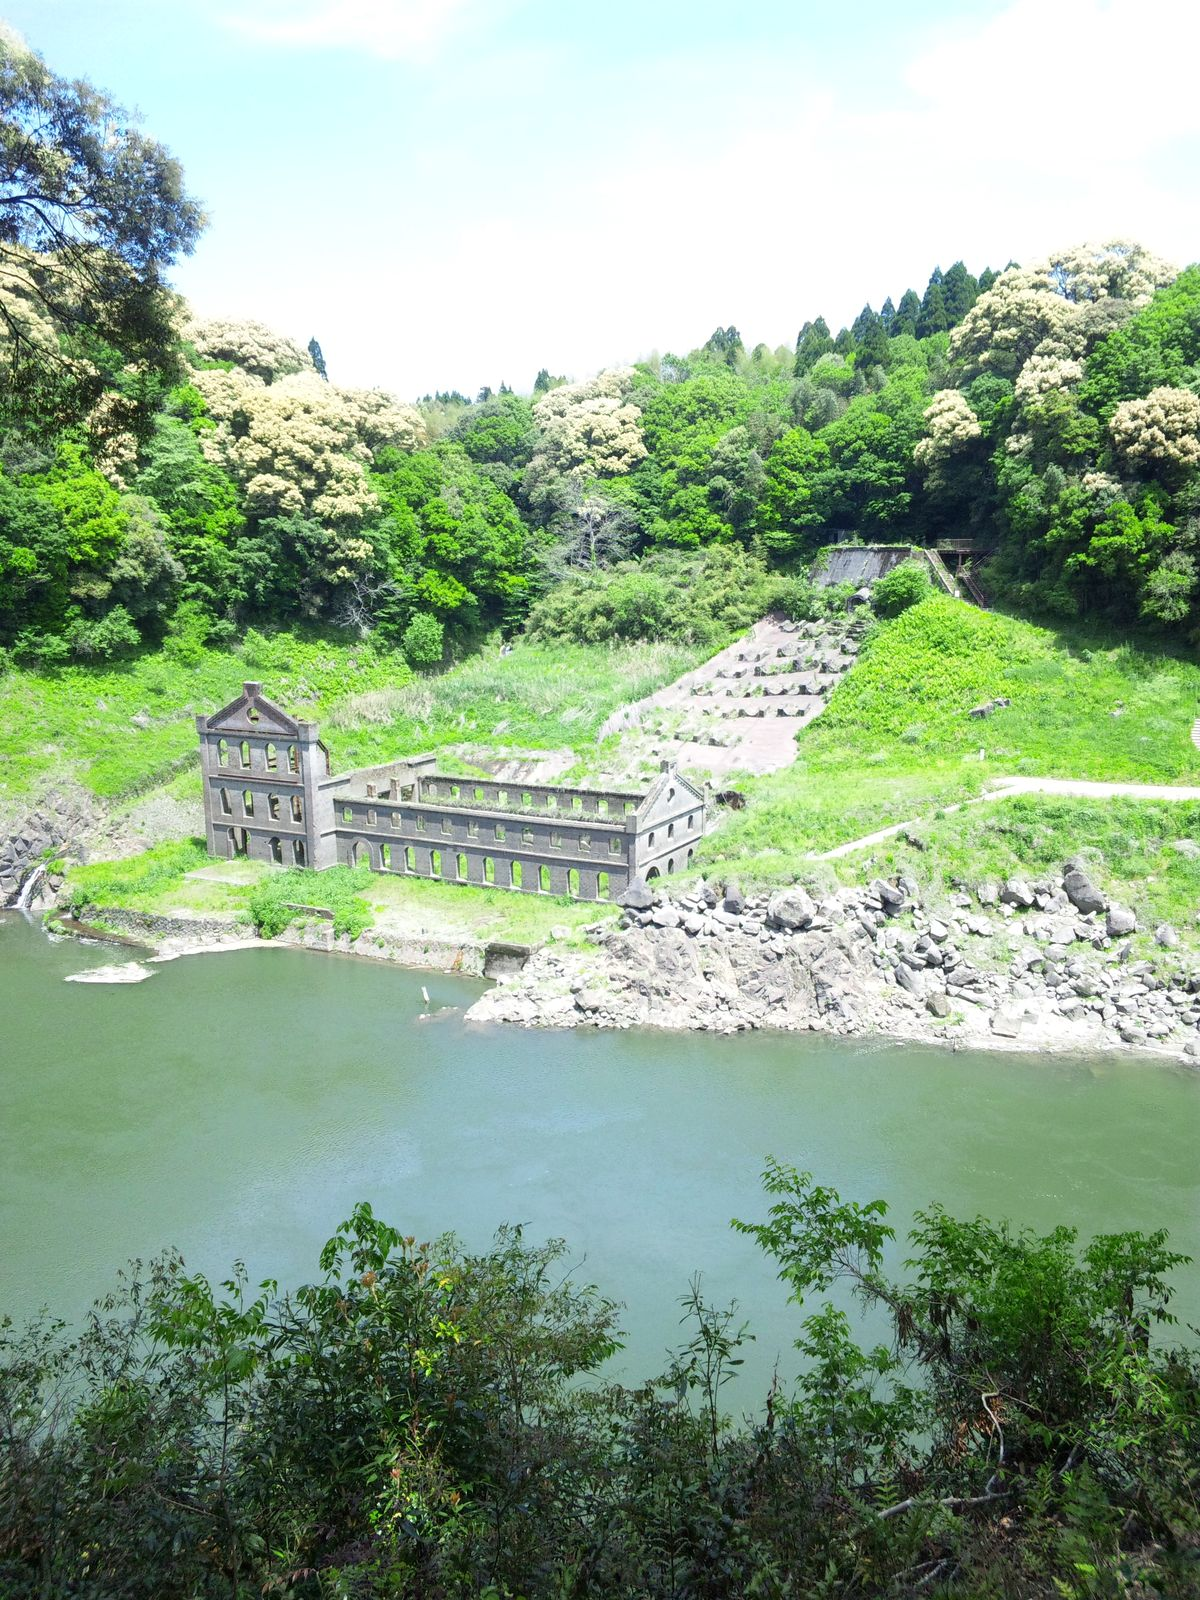 ダム 水没 建物